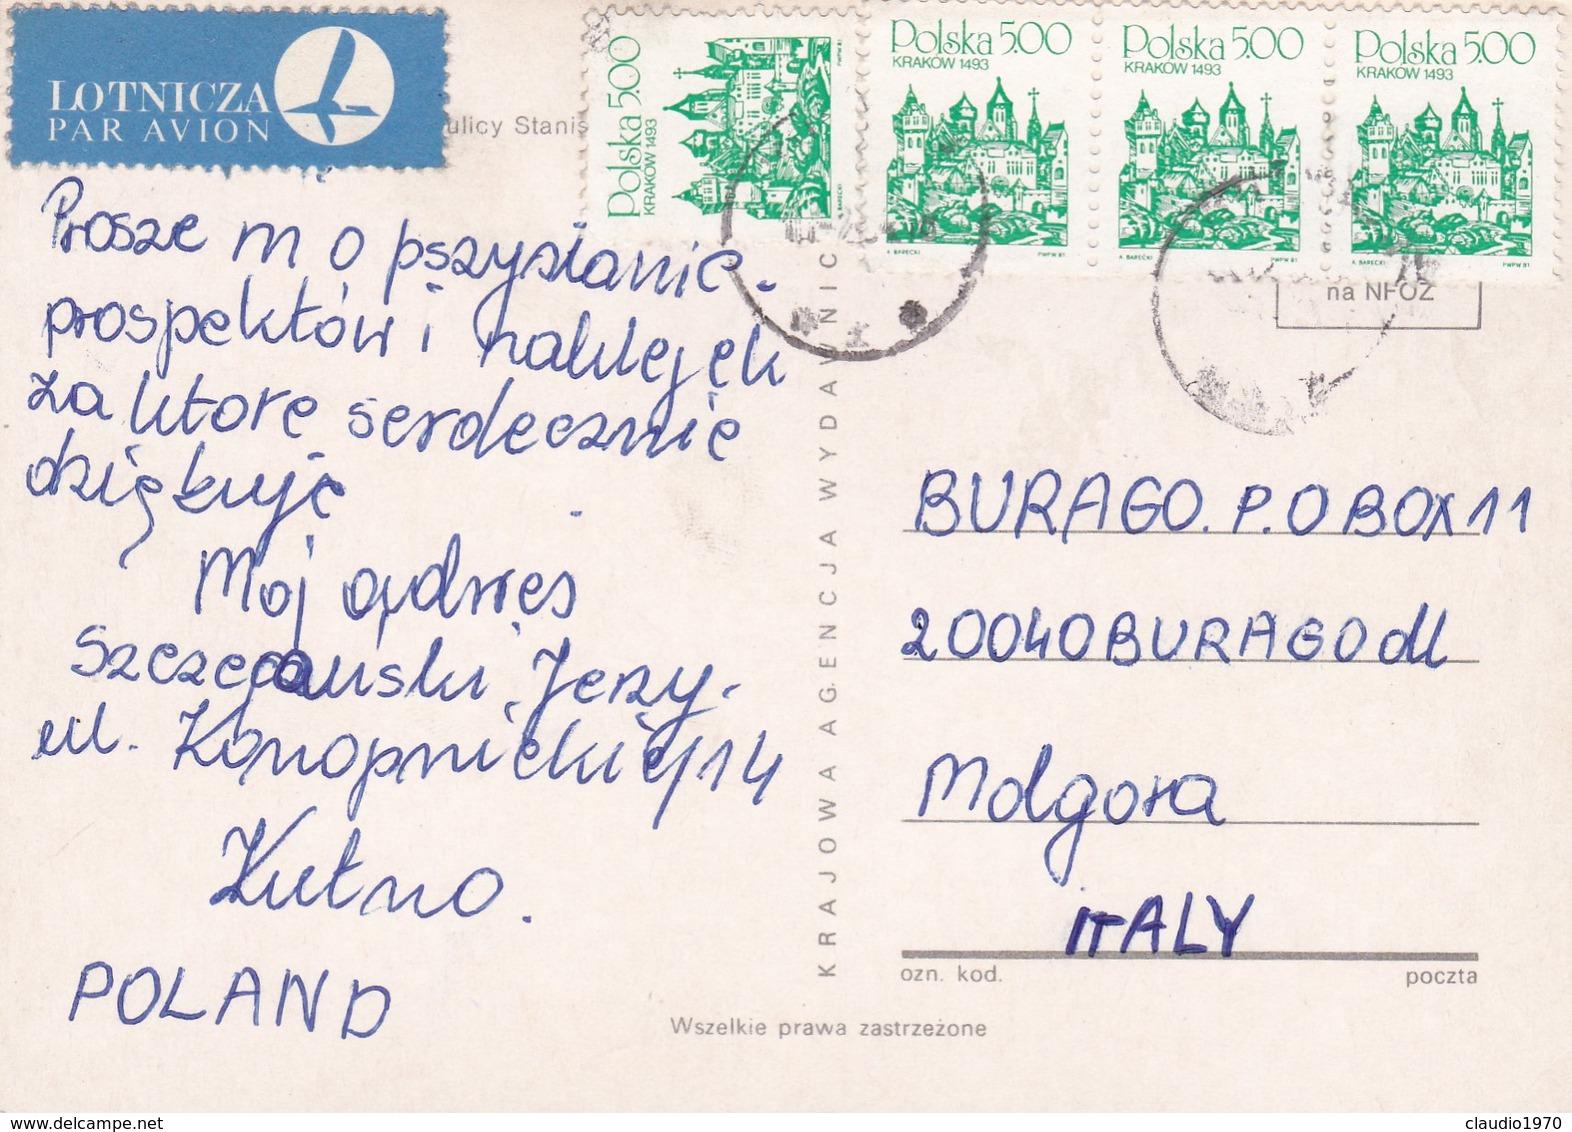 CARTOLINA - POSTCARD - POLONIA  -  VIAGGIATA PER ITALY ( ITALIA) - Polonia